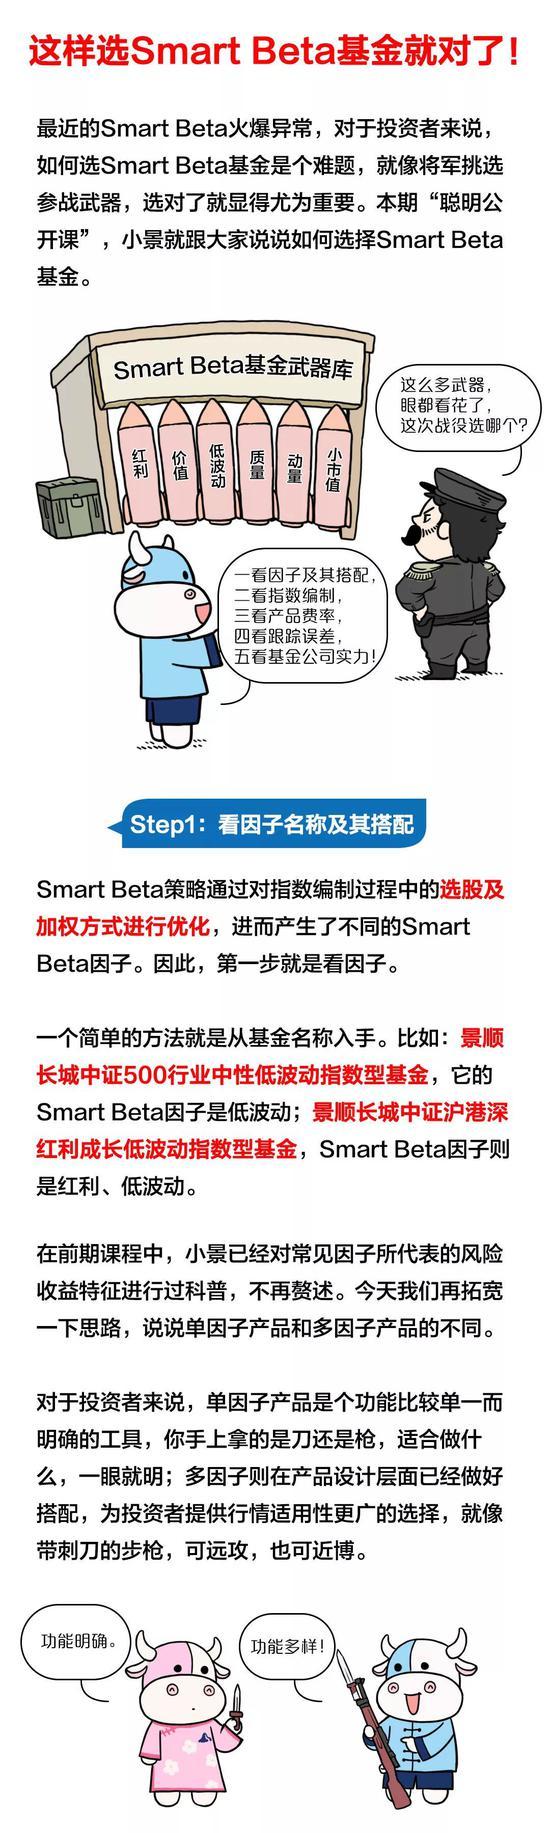 Smart Beta基金火爆 手把手教你5招选出适合自己产品